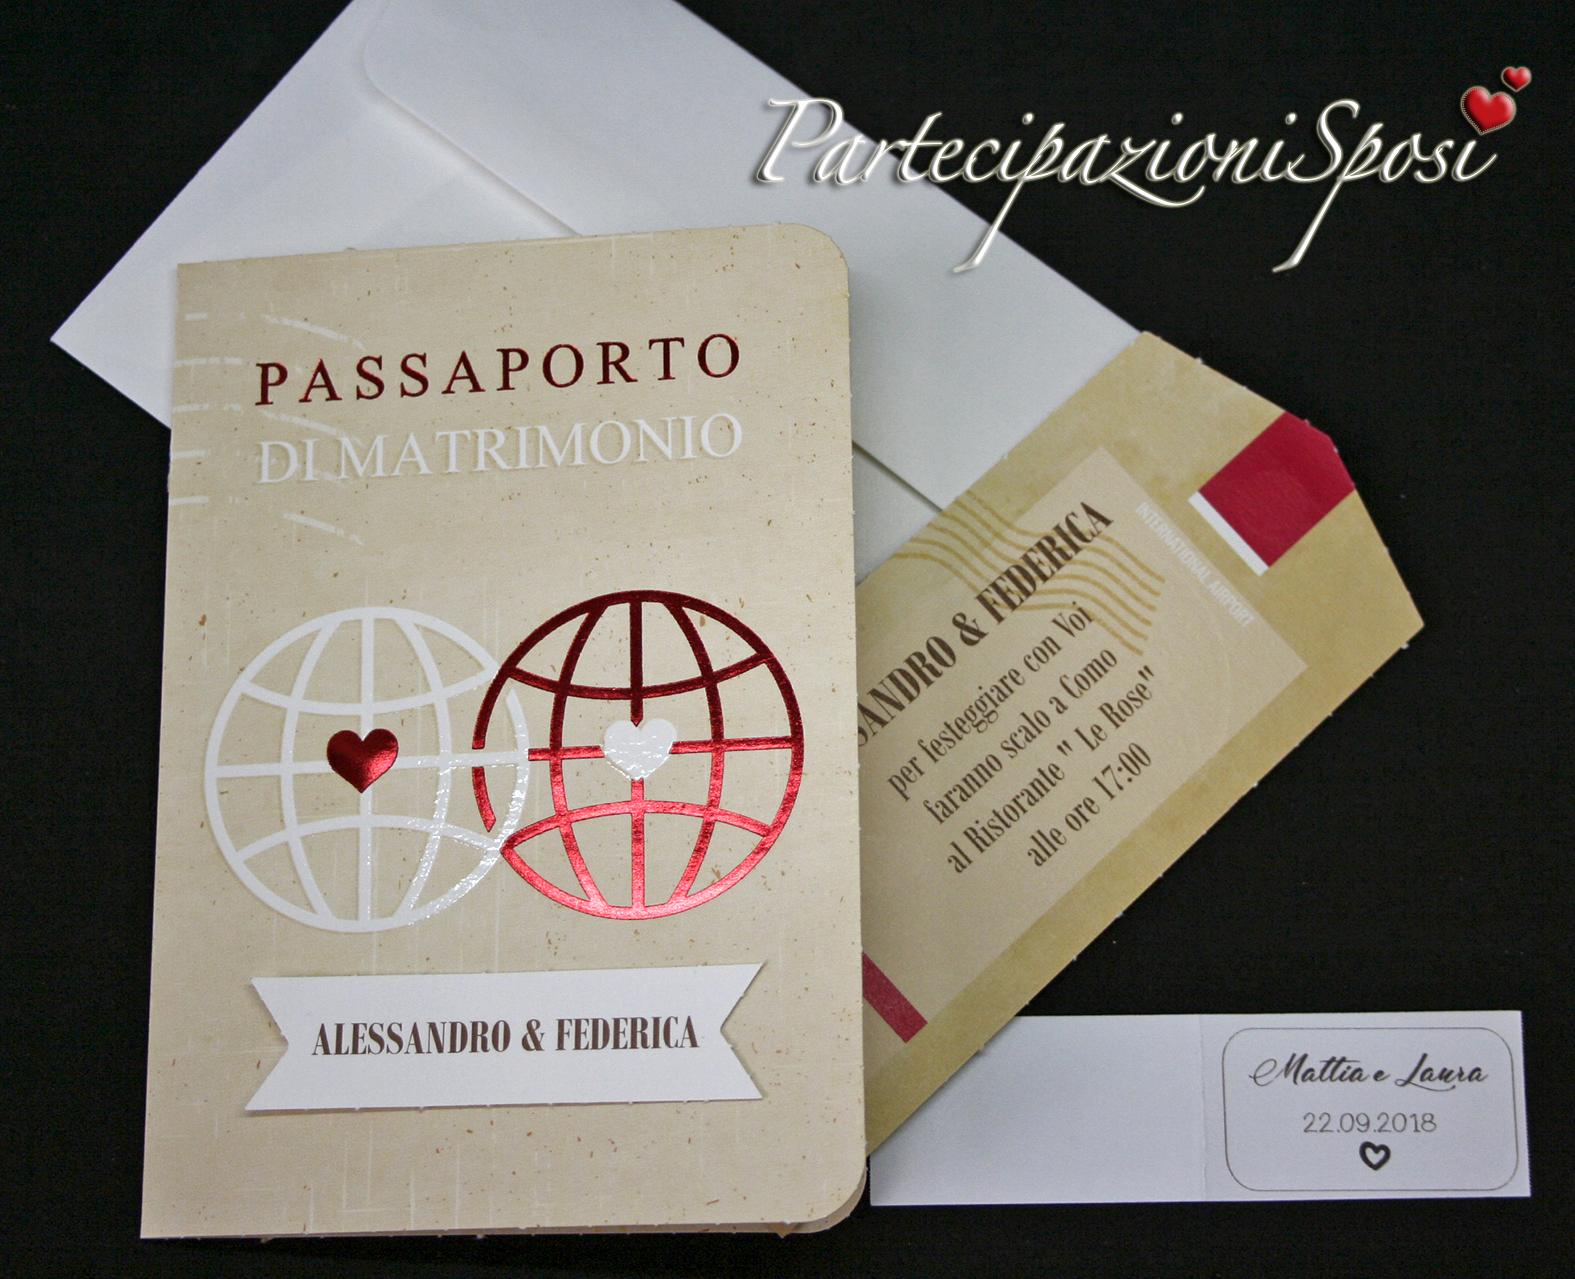 Partecipazioni Matrimonio Viaggio.Art 087 Partecipazioni Sposi Stampa Partecipazioni Matrimonio